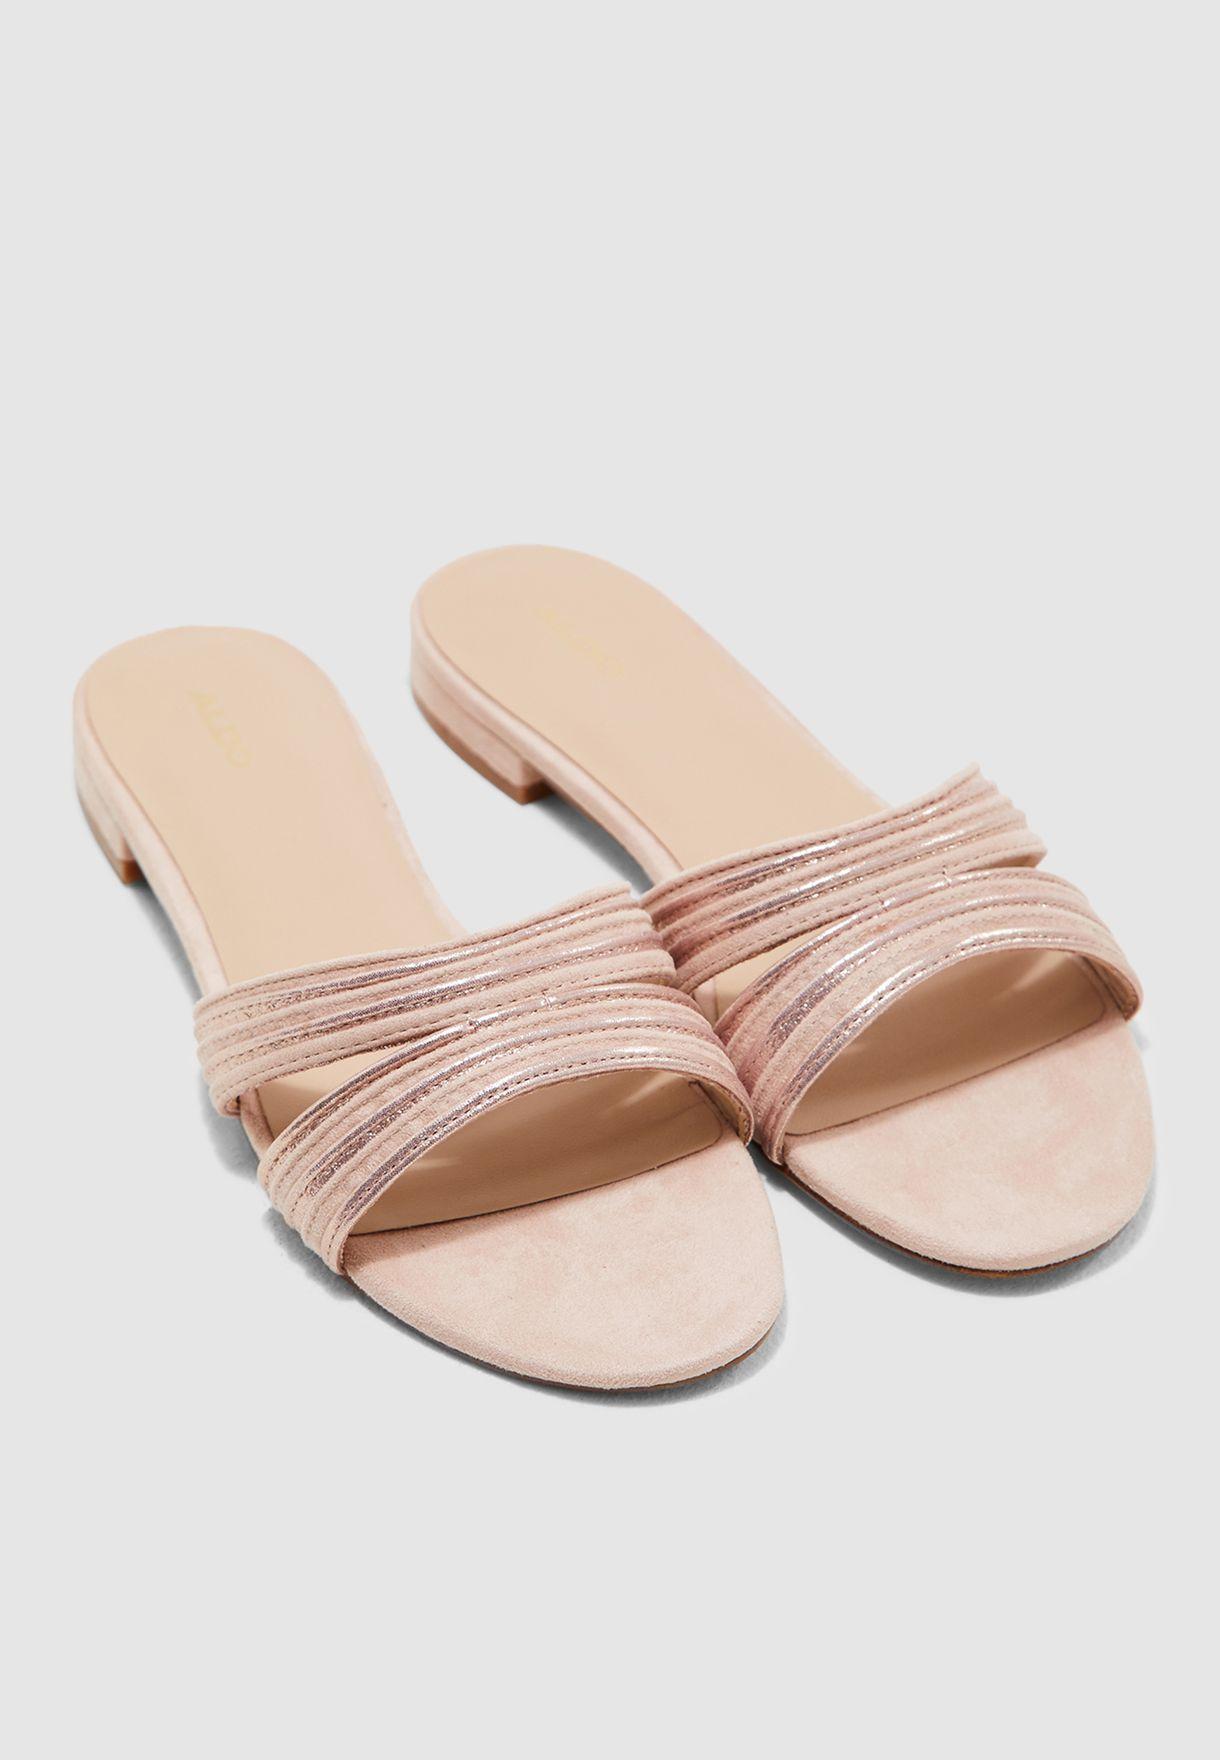 e9eb76376867 Shop Aldo pink Cirasen Sandal CIRASEN55 for Women in Saudi ...